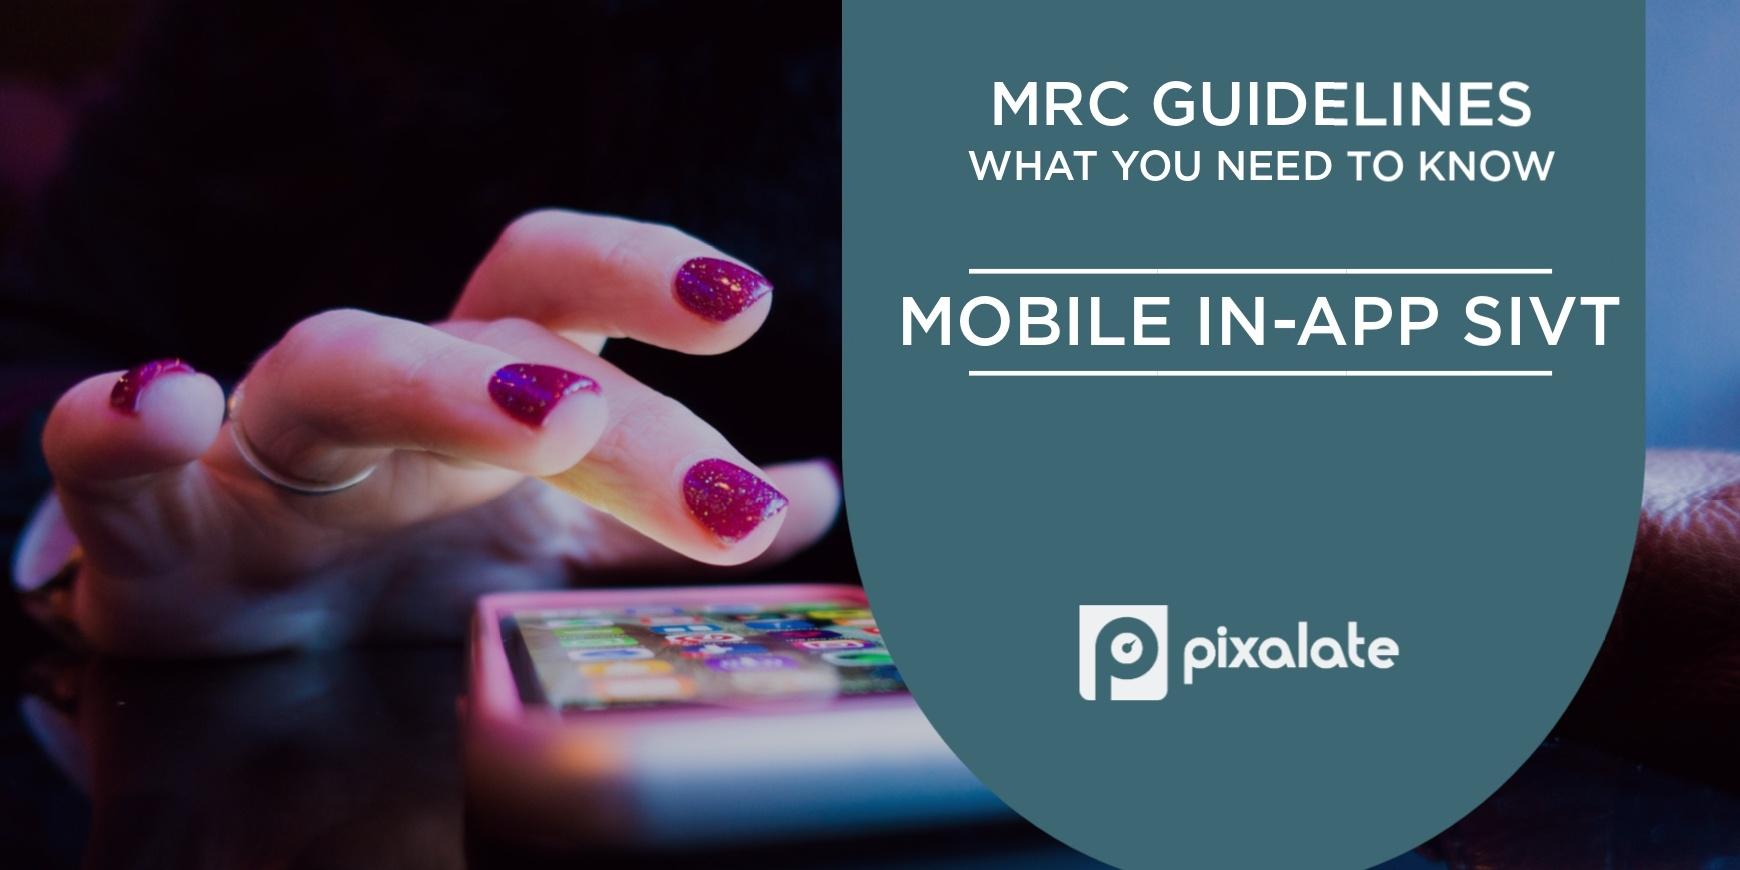 mrc-mobile-app-sivt-guidelines-invalid-traffic